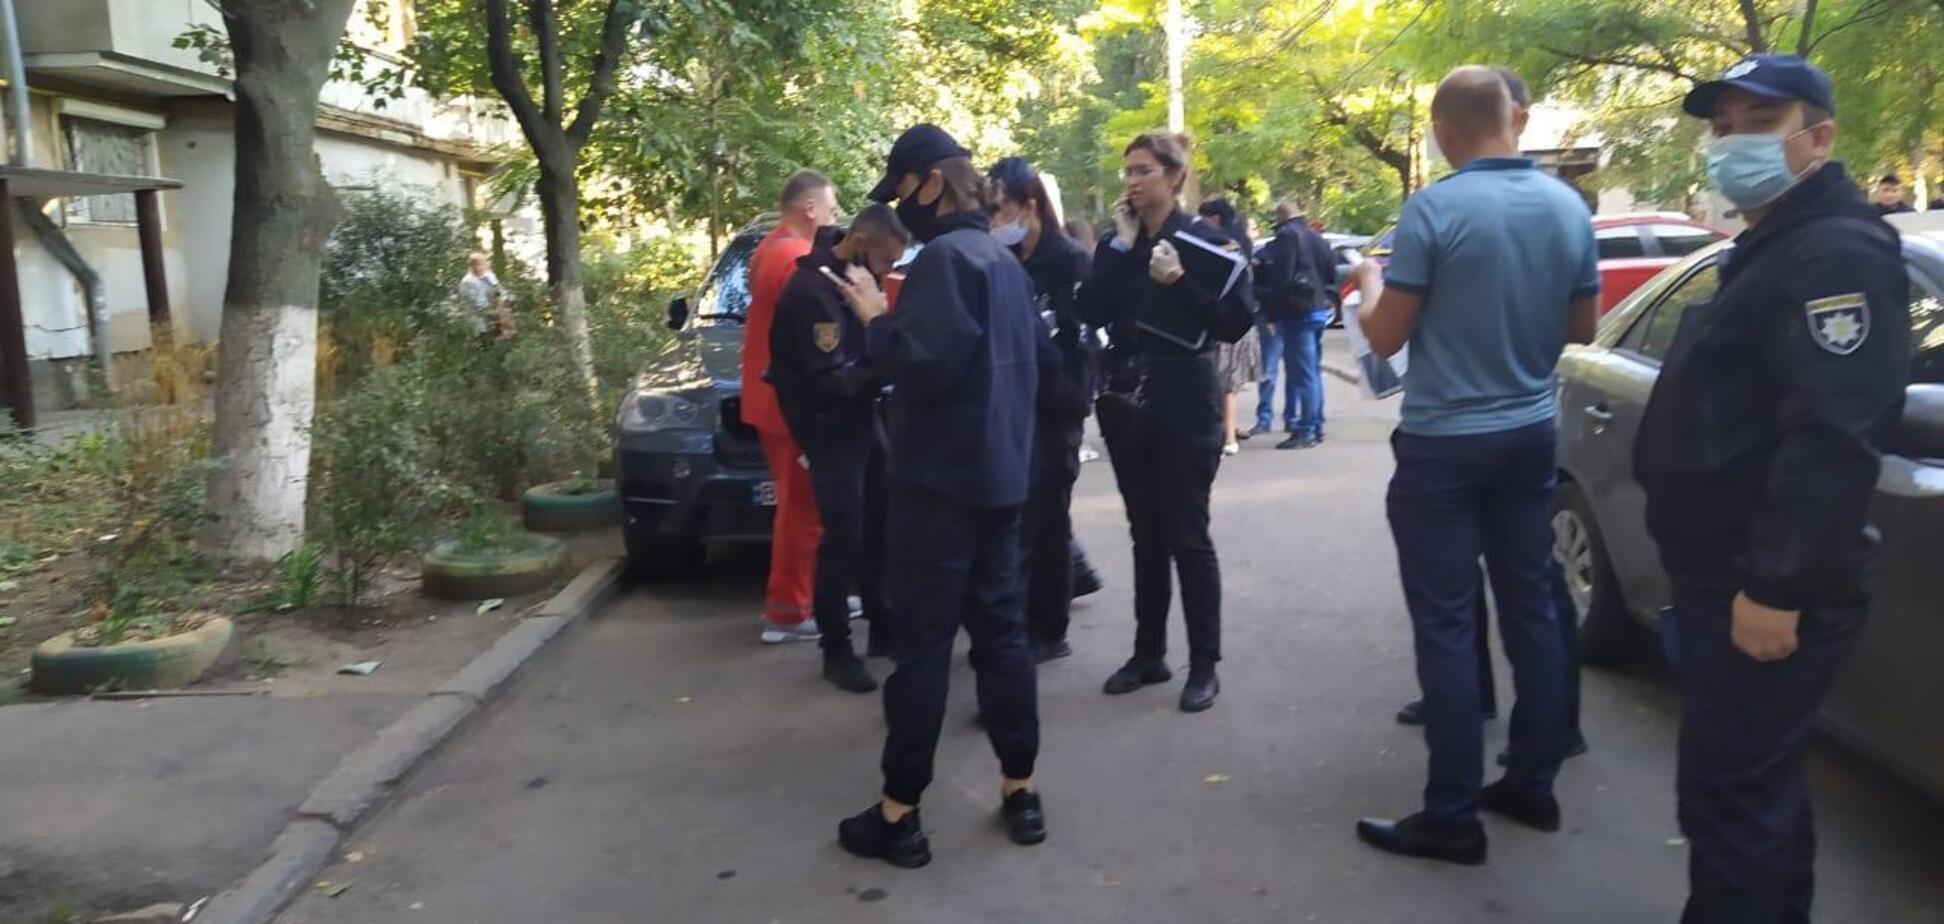 В Одессе зарезали девушку в аптеке: подозреваемый задержан. Фото 18+